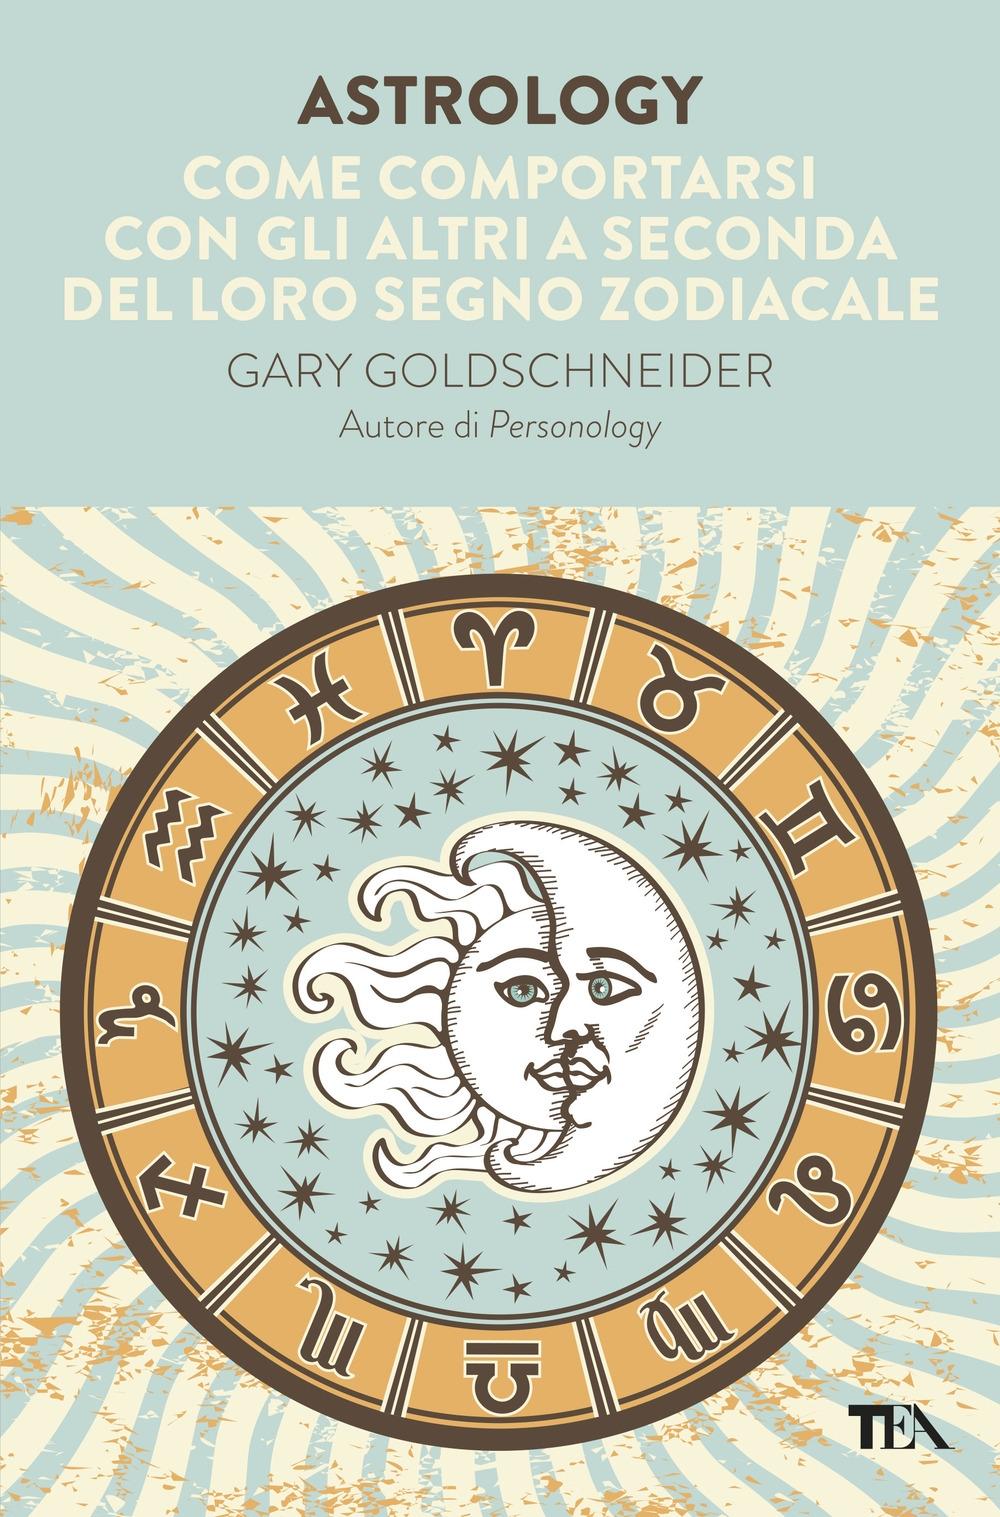 Astrology. Come comportarsi con gli altri?